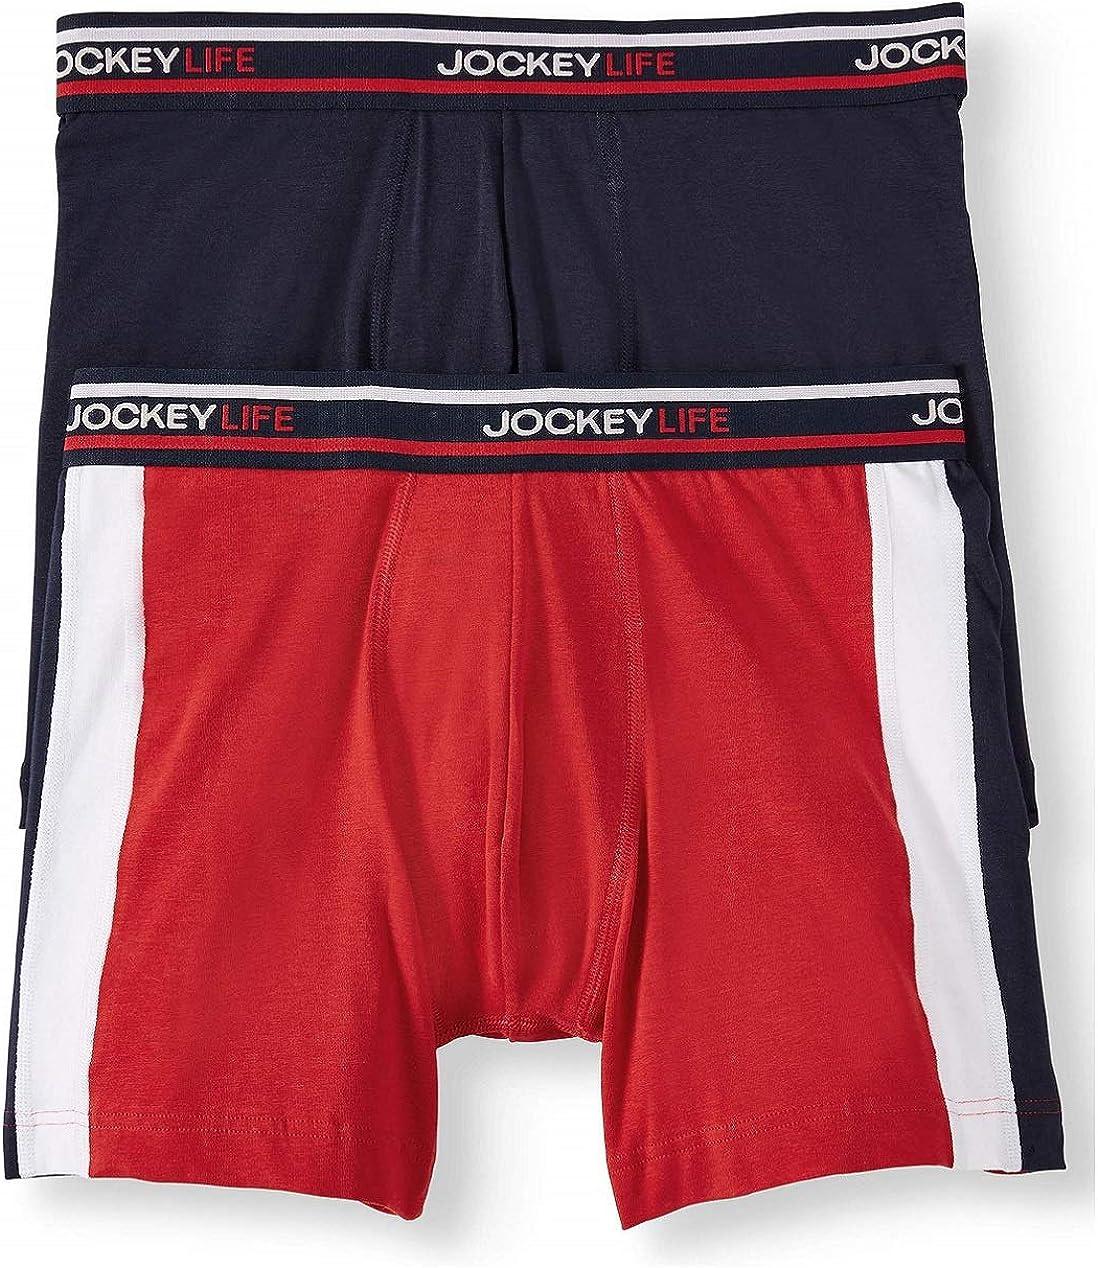 Jockey Life Men's Color Remix Cotton Stretch Boxer Brief, 2-Pack